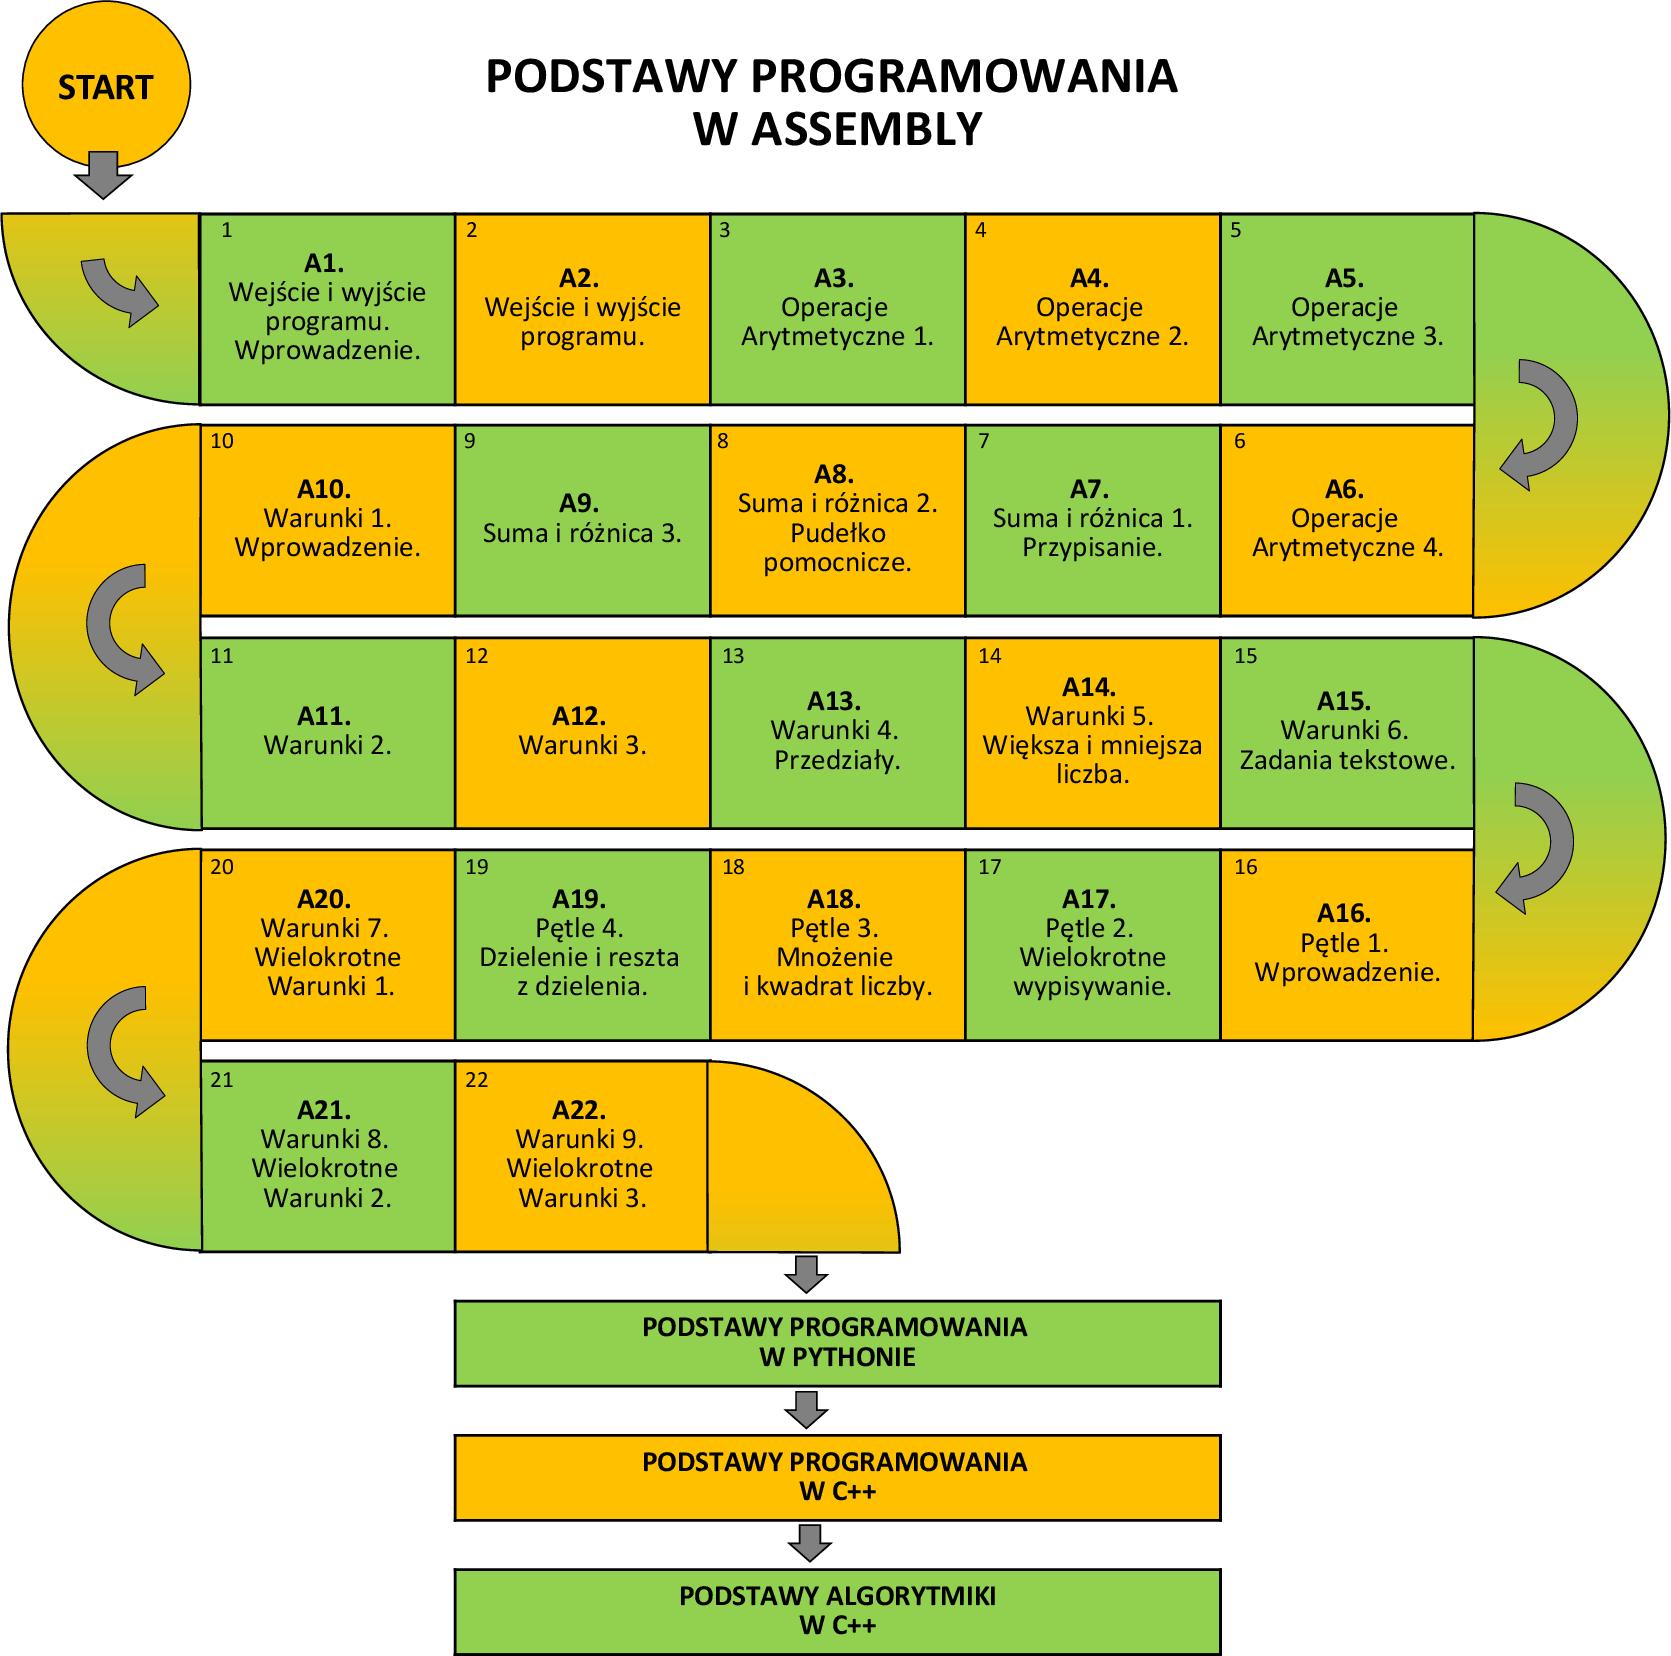 Programowanie Assembly dla dzieci